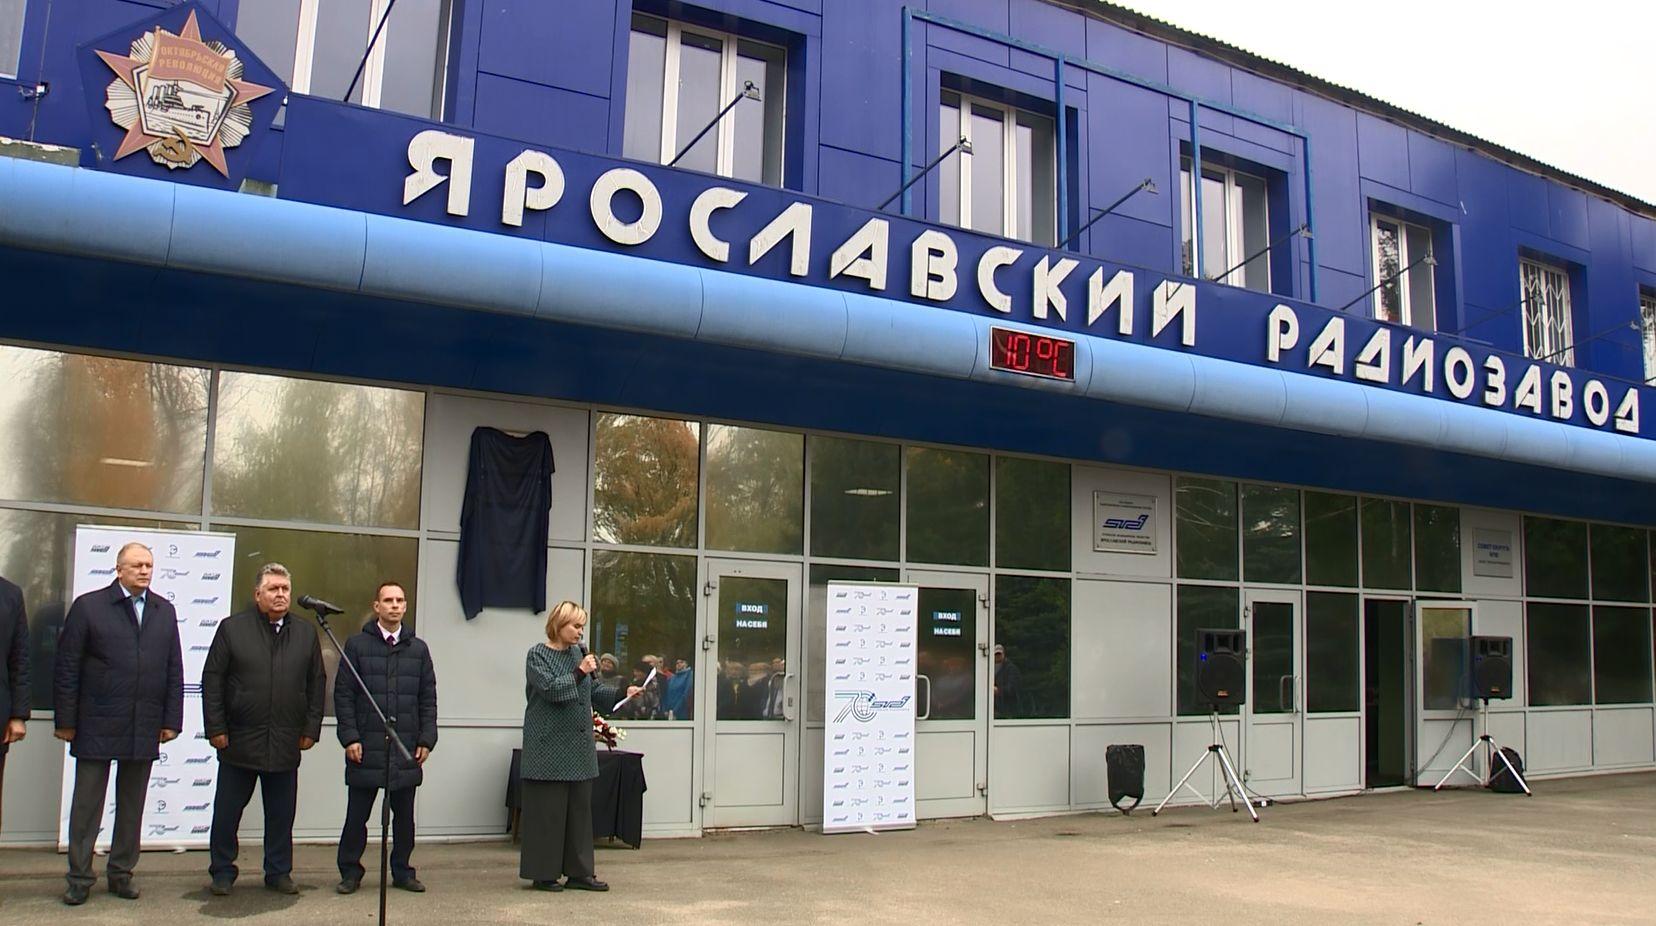 У центральной проходной Ярославского радиозавода на фасаде здания открыли памятный знак в честь тружеников предприятия